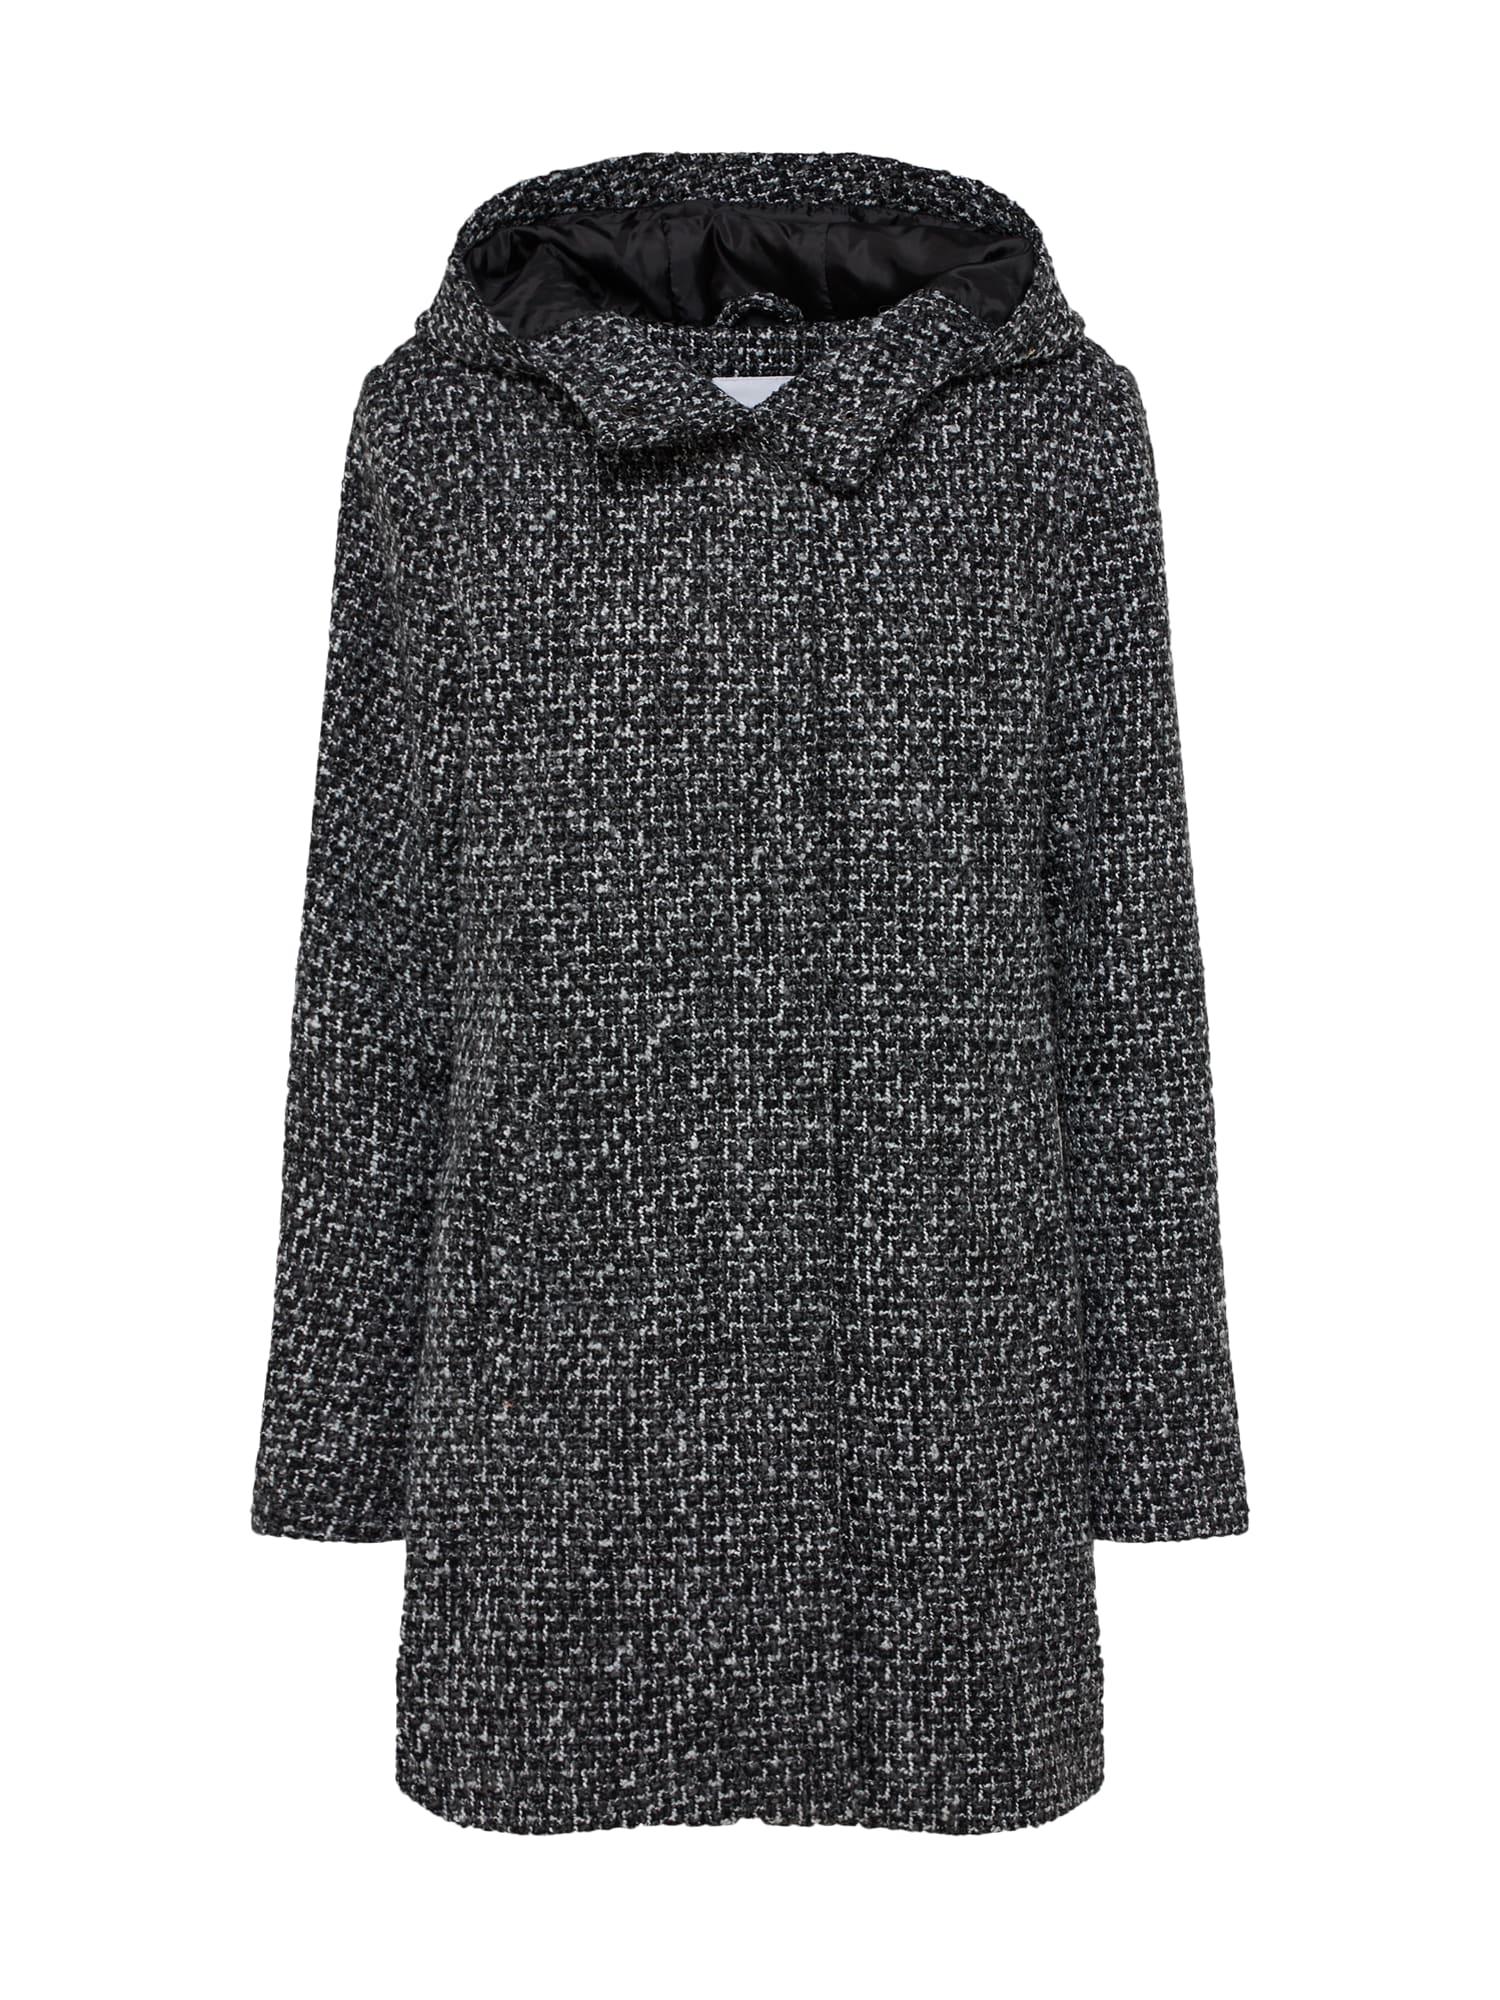 Přechodný kabát Coat šedá GREYSTONE